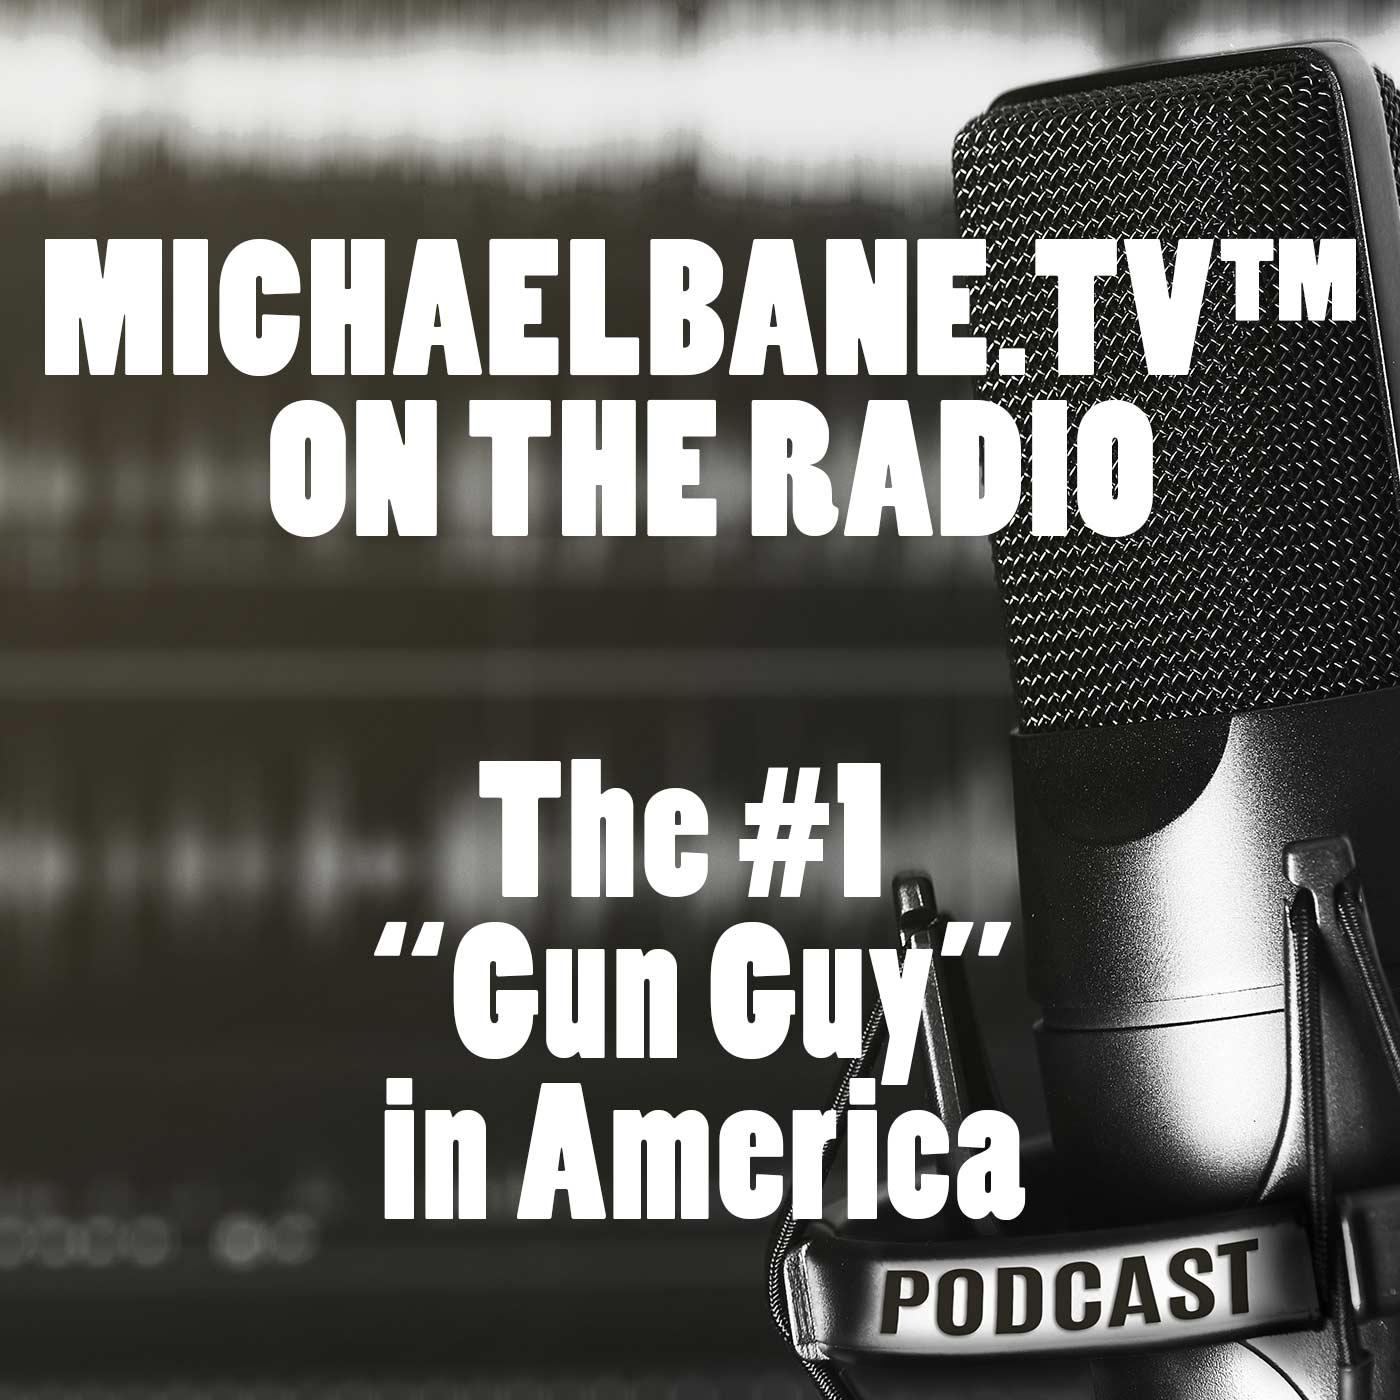 MICHAELBANE.TV™ ON THE RADIO!